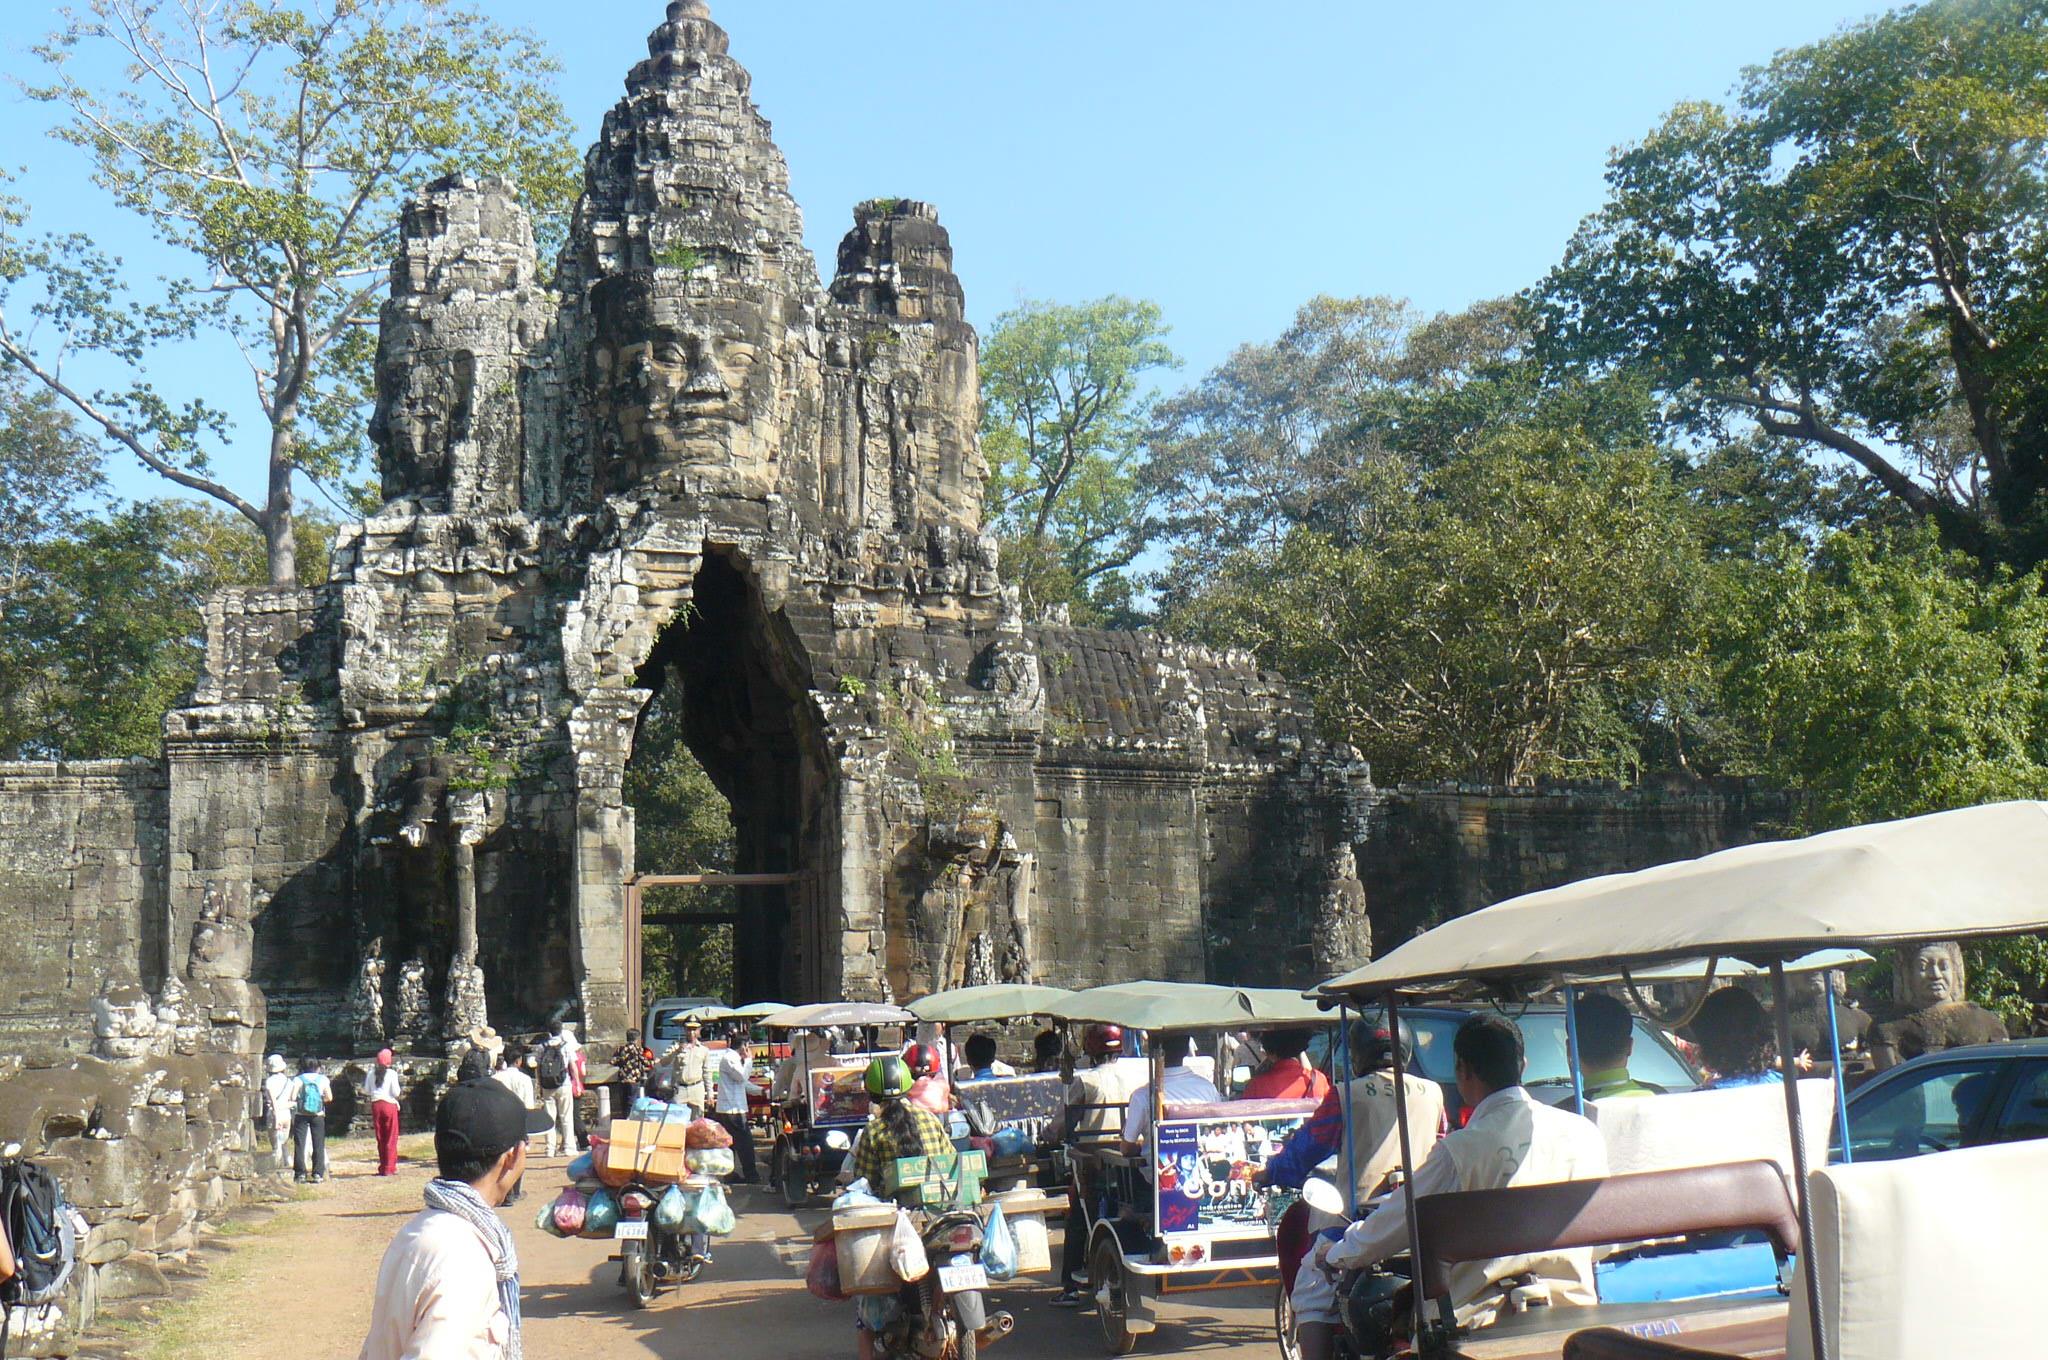 Kambodscha, Angkor Wat - Eingangstor mit tausenden von Tut Tuns